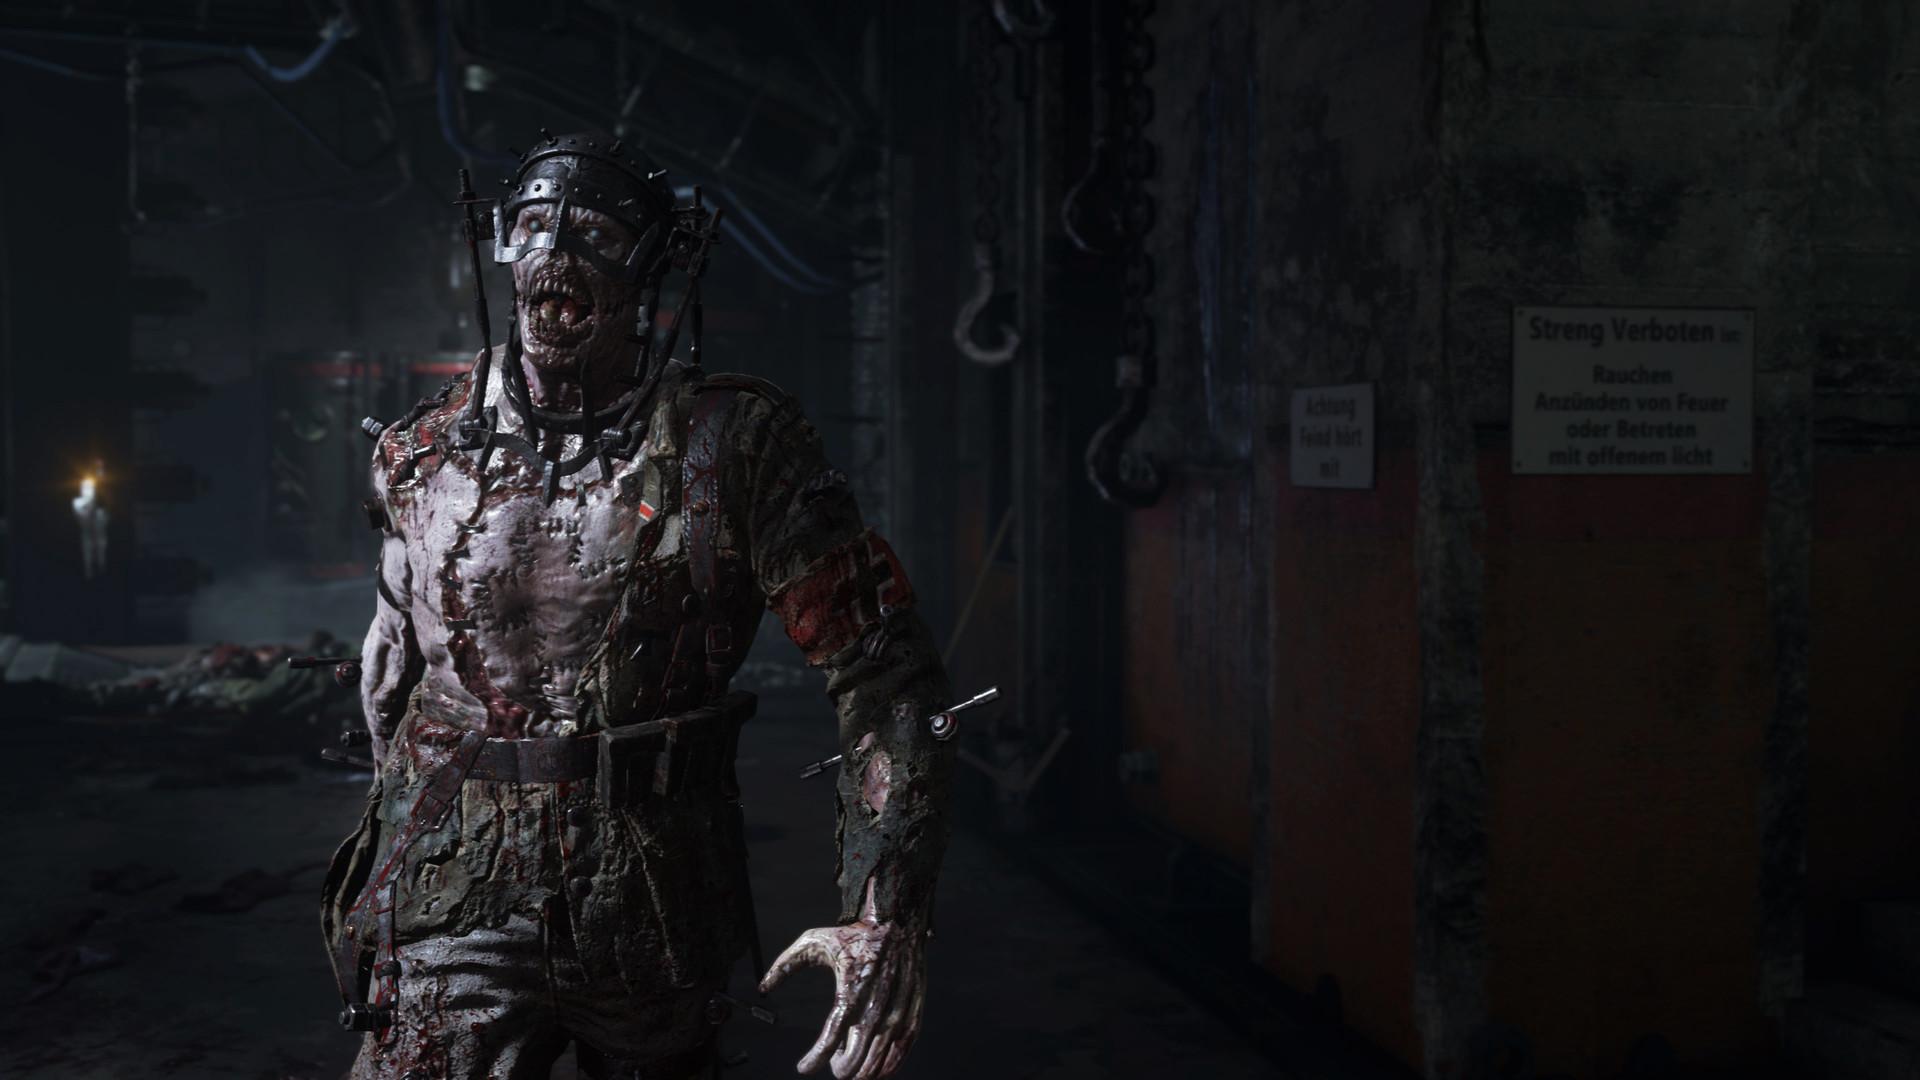 使命召唤14:二战(Call of Duty: WWII)免安装中文绿色版|DLC|升级档|网盘下载